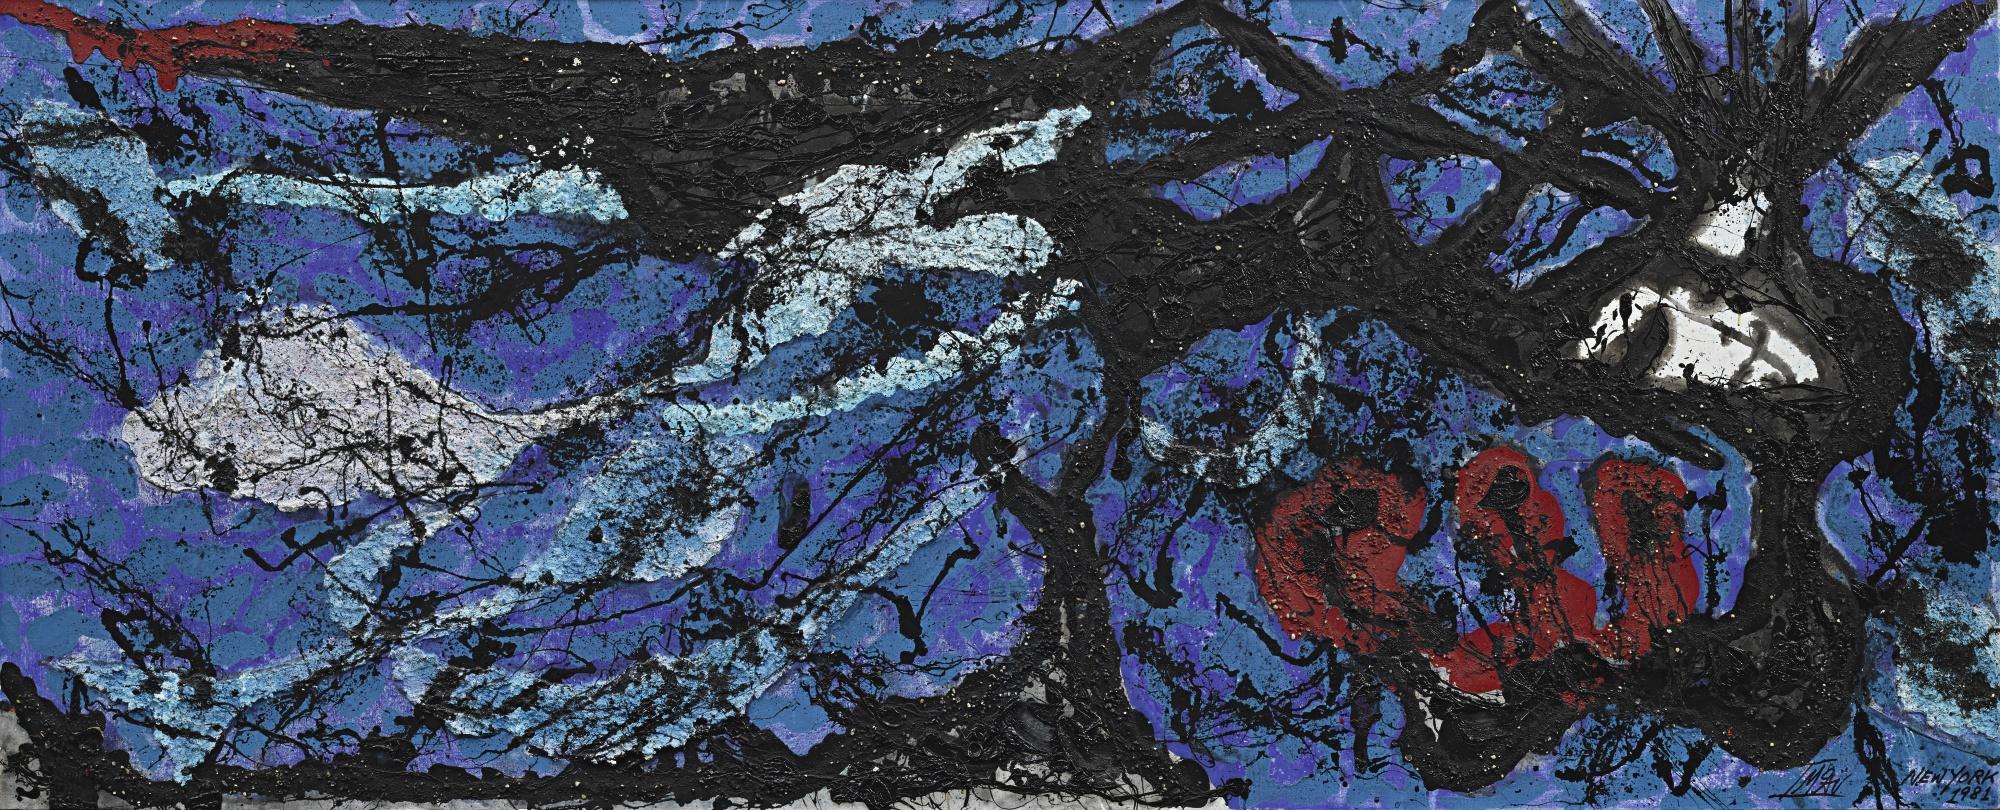 Toshimitsu Imai-Oil Painting-1981